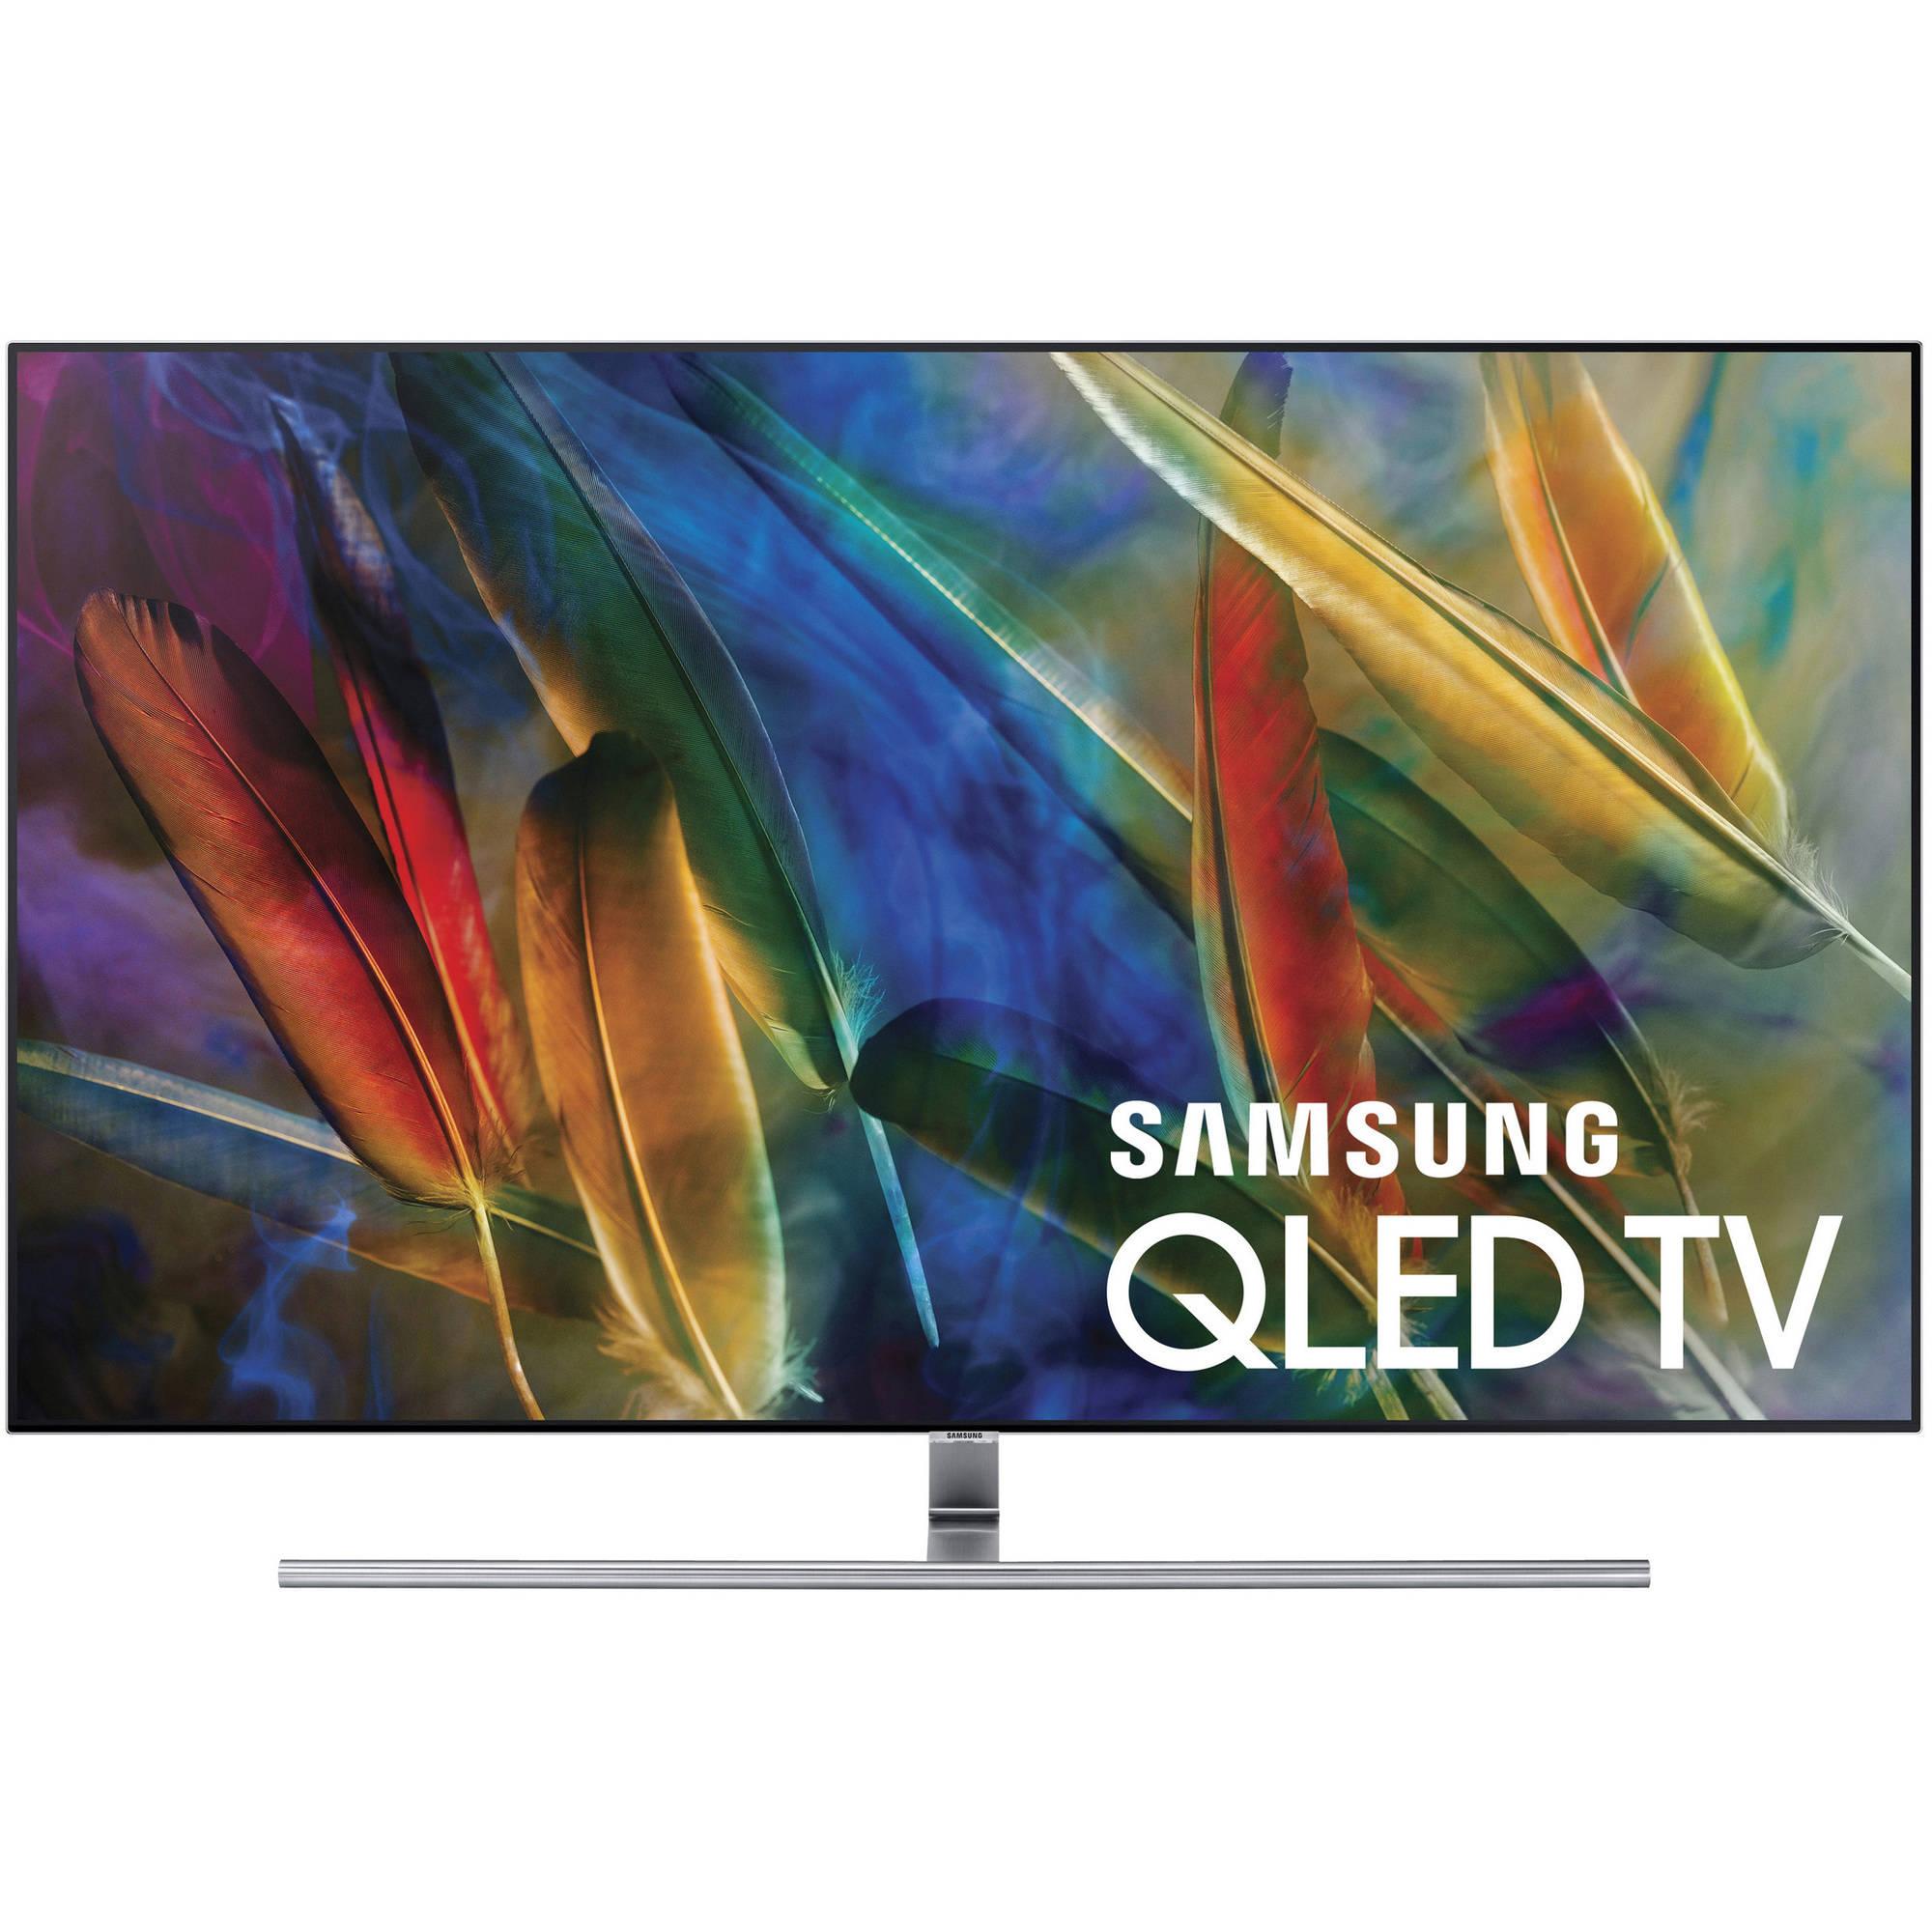 """Samsung 55""""Class Q7F Series QLED 4K TV (QN55Q7FAMFXZA) - Walmart YMMV B&M - $799"""